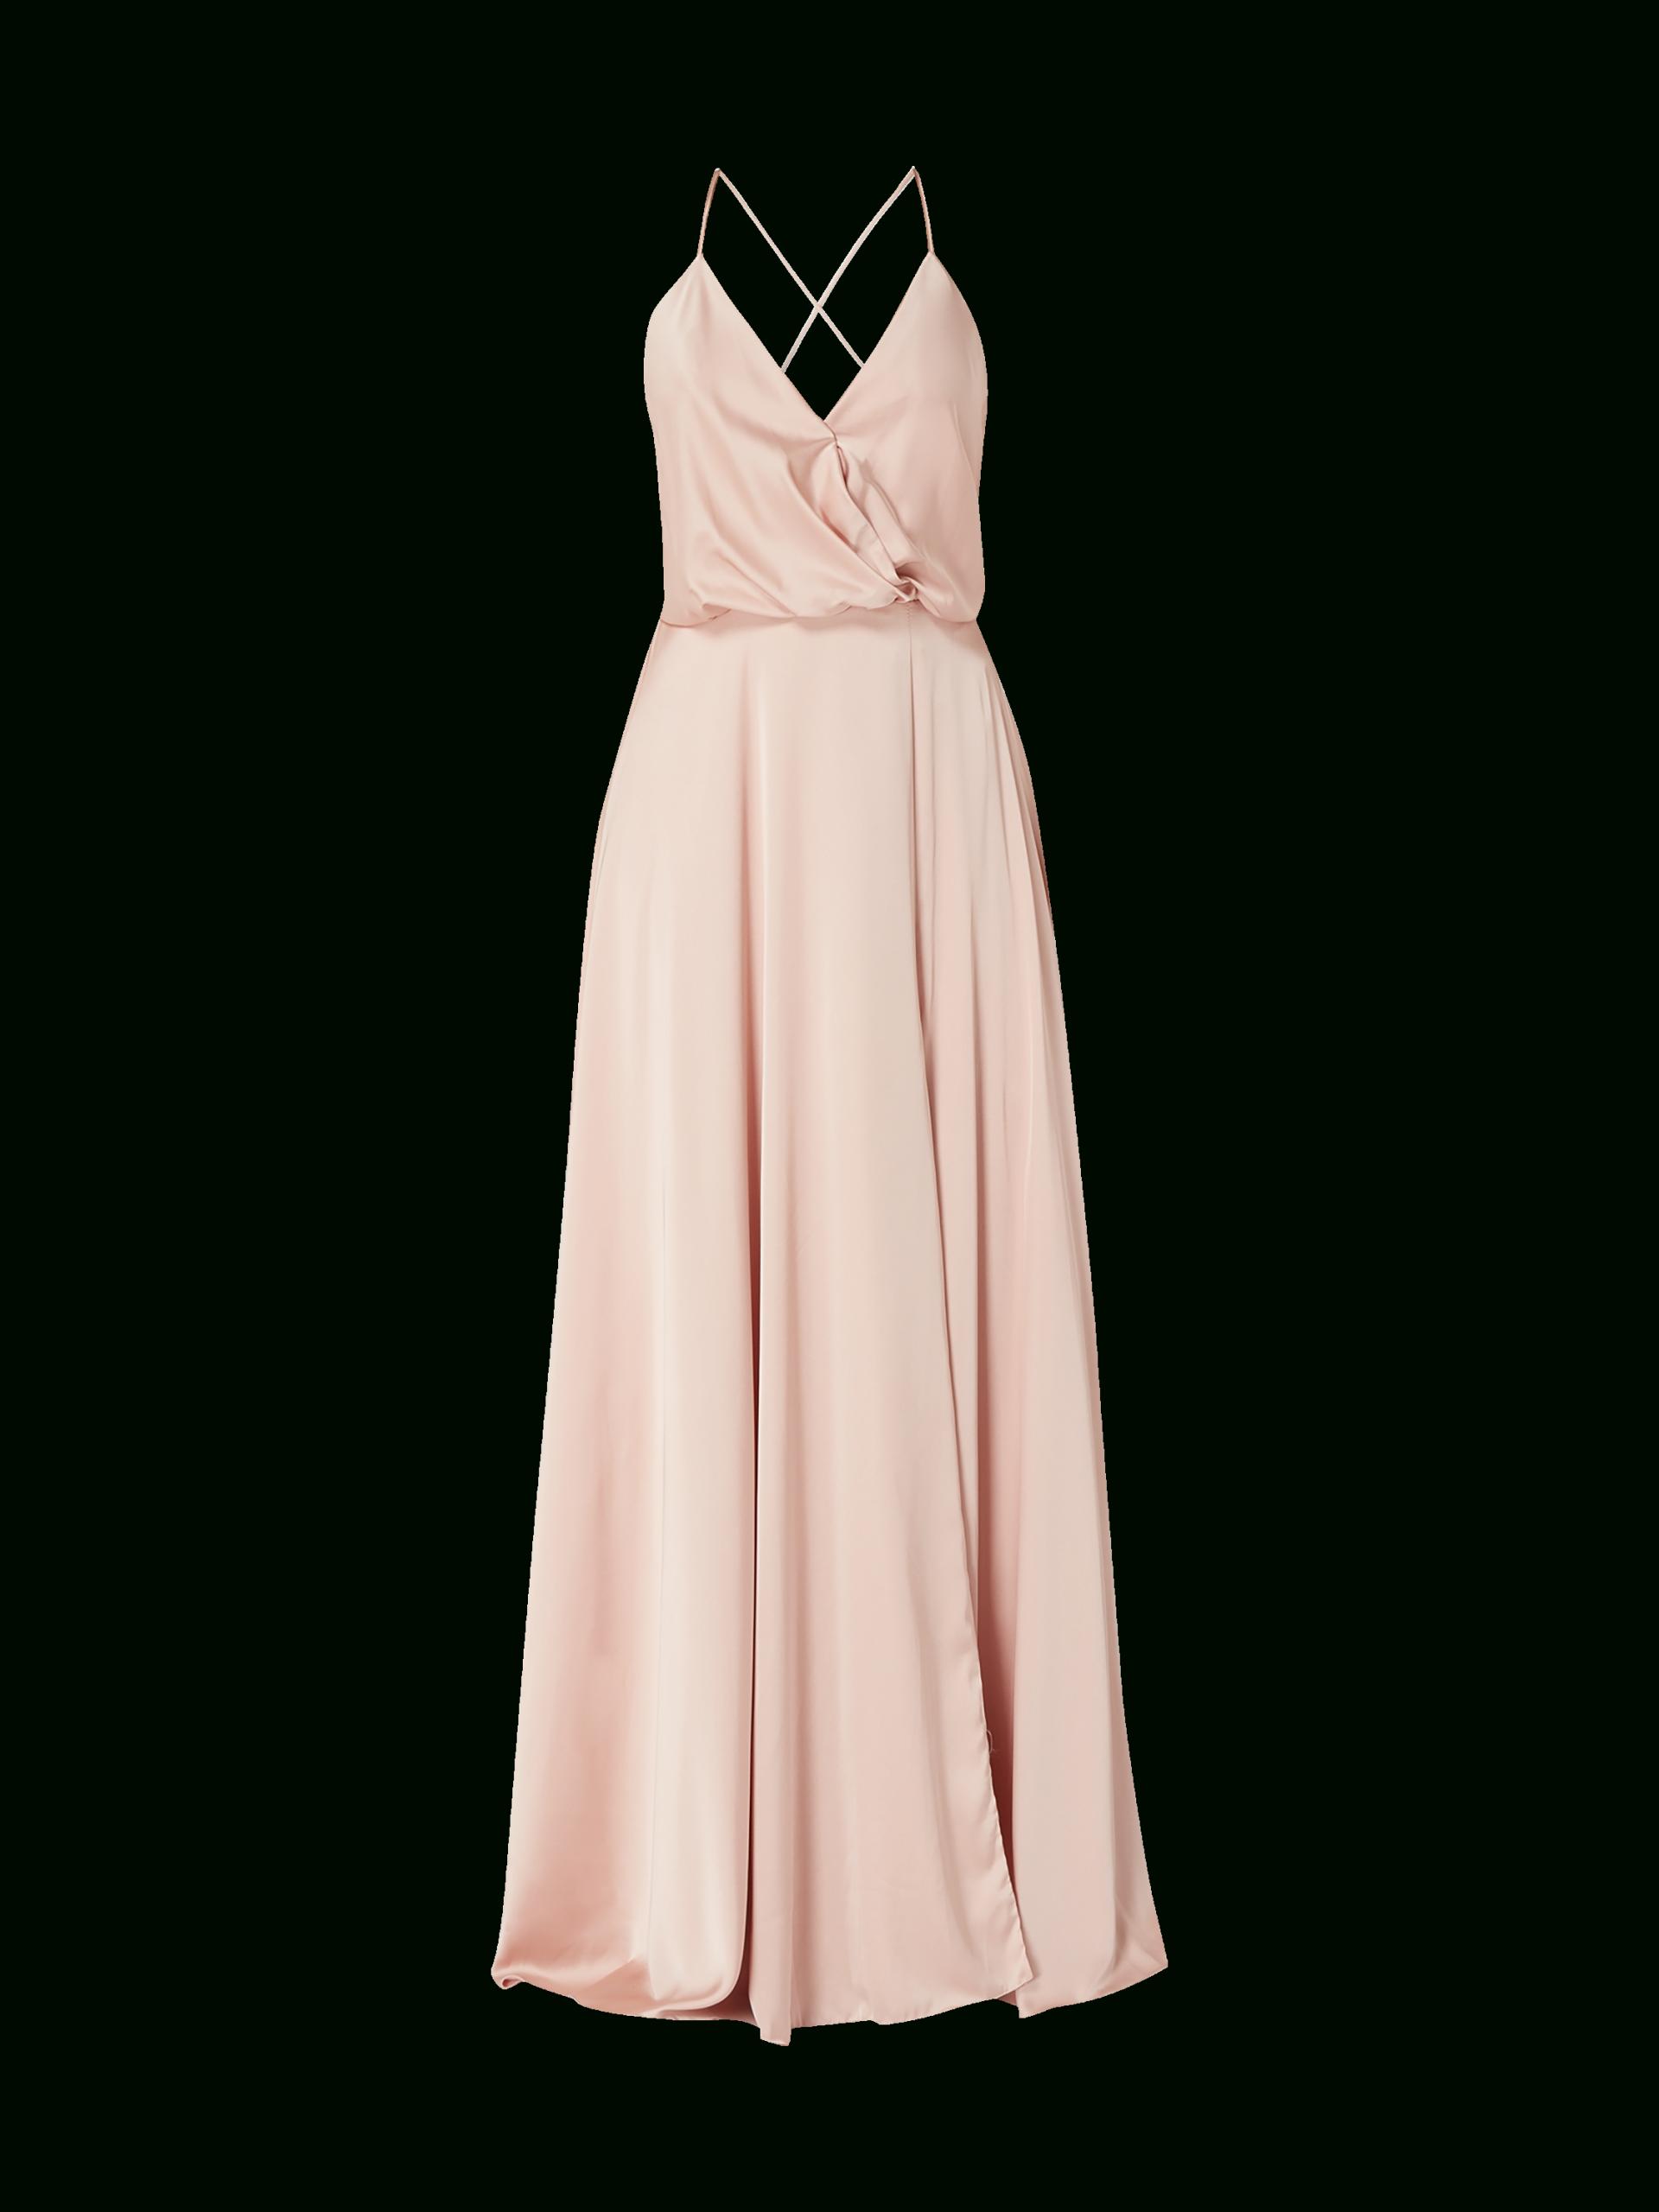 Abend Spektakulär Unique Abendkleid Aus Satin BoutiqueDesigner Genial Unique Abendkleid Aus Satin Design